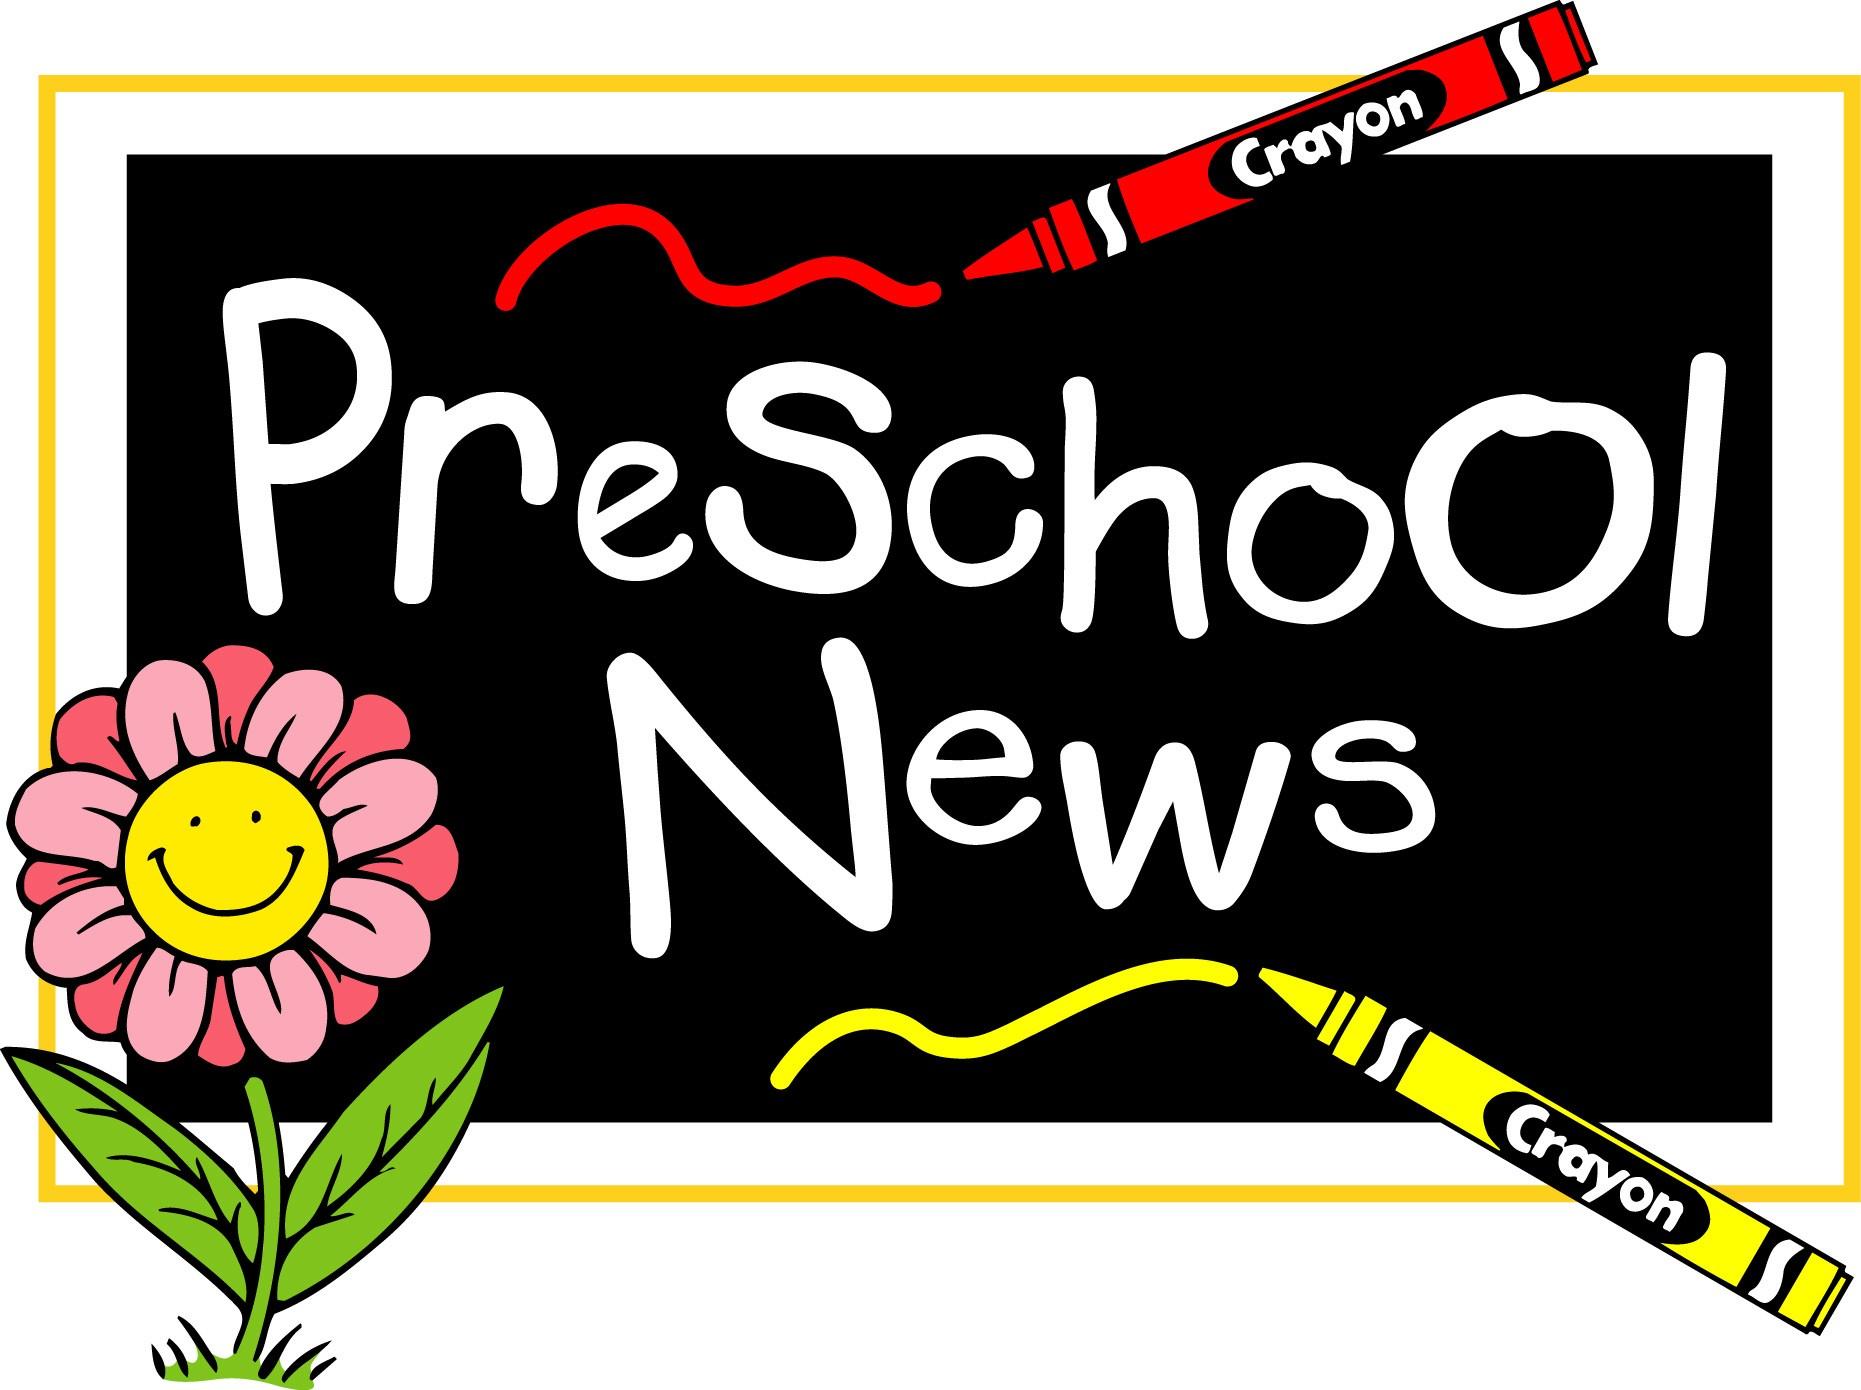 Newsletter clipart for teachers 7 » Clipart Portal.